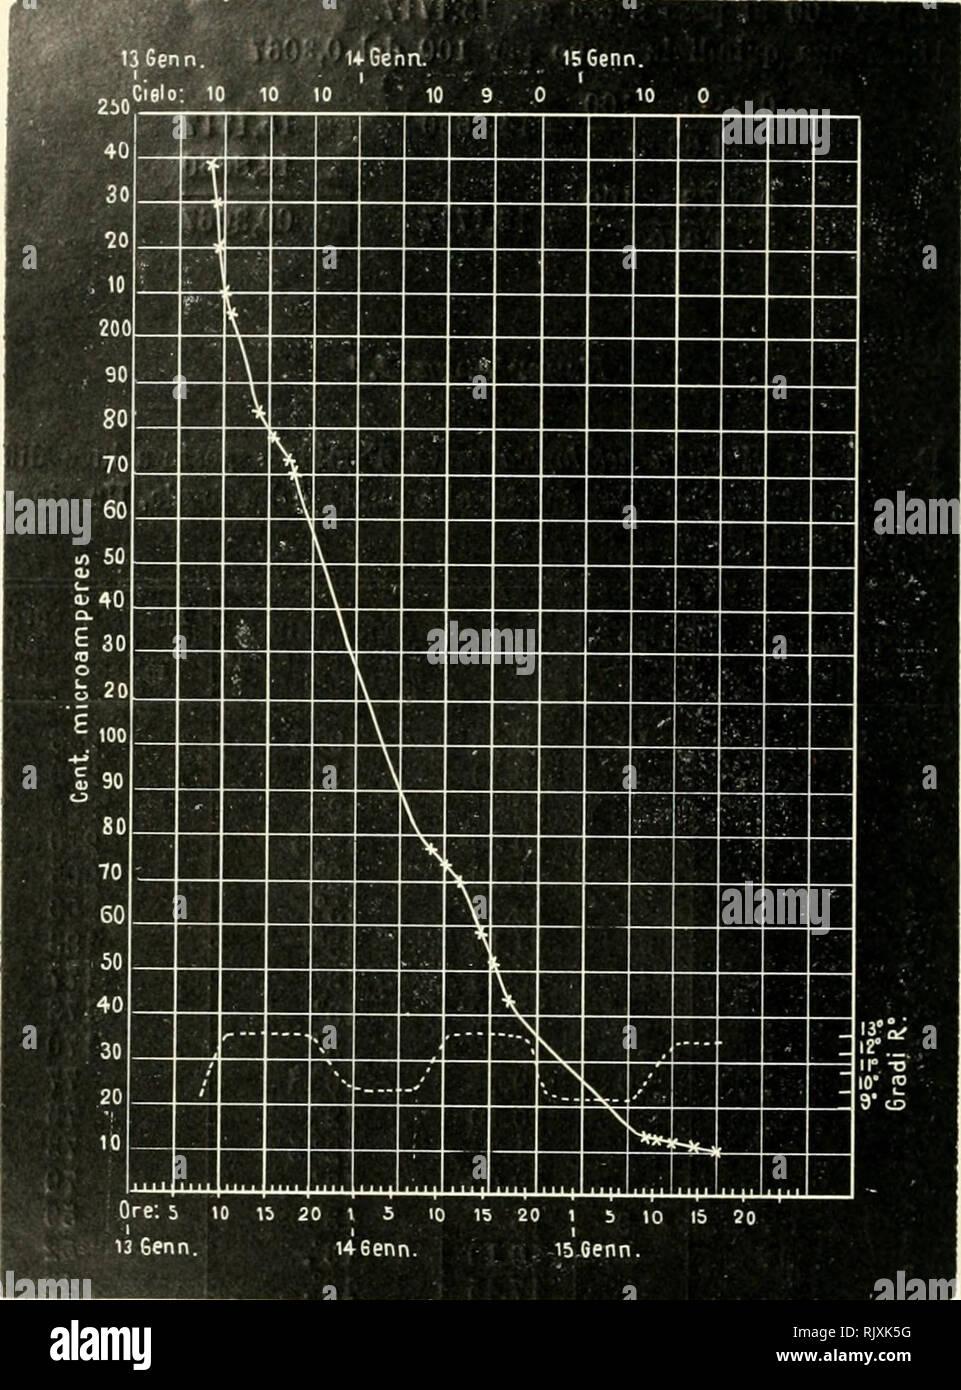 """. Atti. Las plantas; Plantas -- Italia; Cryptogamia; de la micología. Fi;"""". Él. 91 cm^ di liquido della polvere di foglia uoii elettrizzata hanno completamente ridotto cm^ 10 del reattivo Baedeker-Allihn. 78 cm^ di liquido della polvere di foglia elettrizzata hanno com- pletamente ridotto cm^ 10 del reattivo. 250 X 91 = 0,2609 0,095 nei 250 cm^ di liquido esaminato erano quindi contenuti gr. Di 0,2609. Por favor tenga en cuenta que estas imágenes son extraídas de la página escaneada imágenes que podrían haber sido mejoradas digitalmente para mejorar la legibilidad, la coloración y el aspecto de estas ilustraciones pueden no parecerse perfectamente a la o Imagen De Stock"""